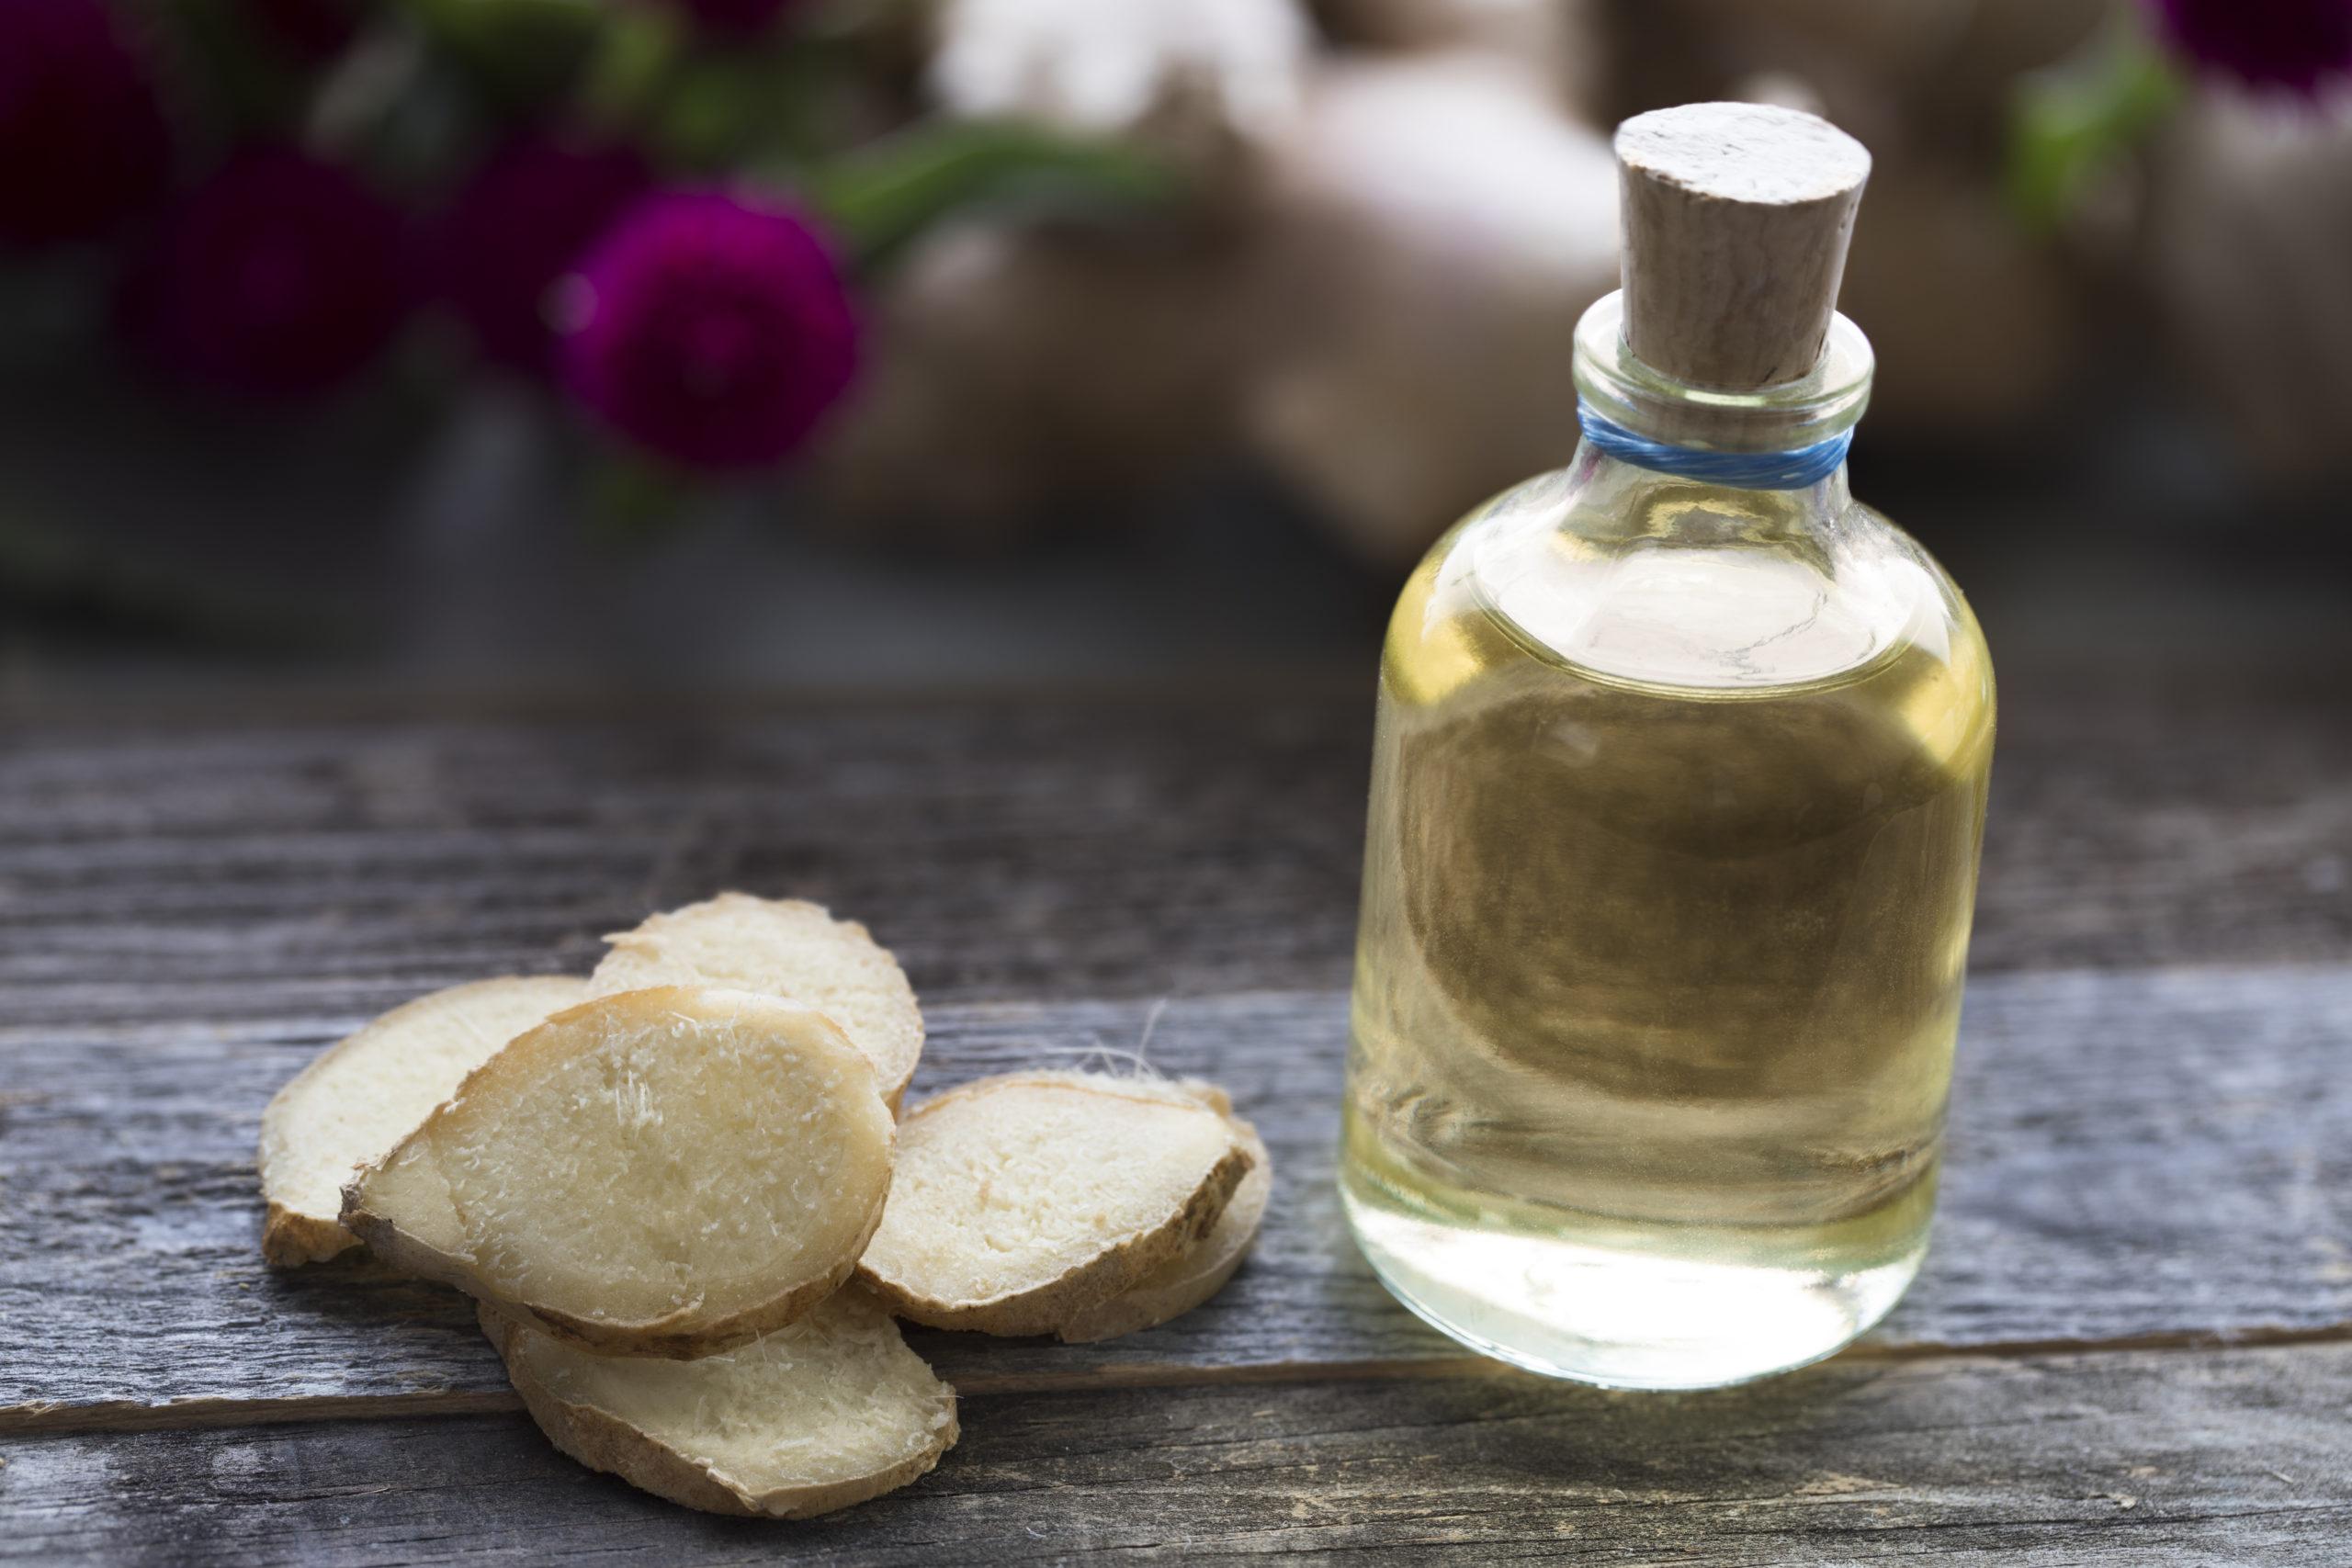 Bottle of ginger oil